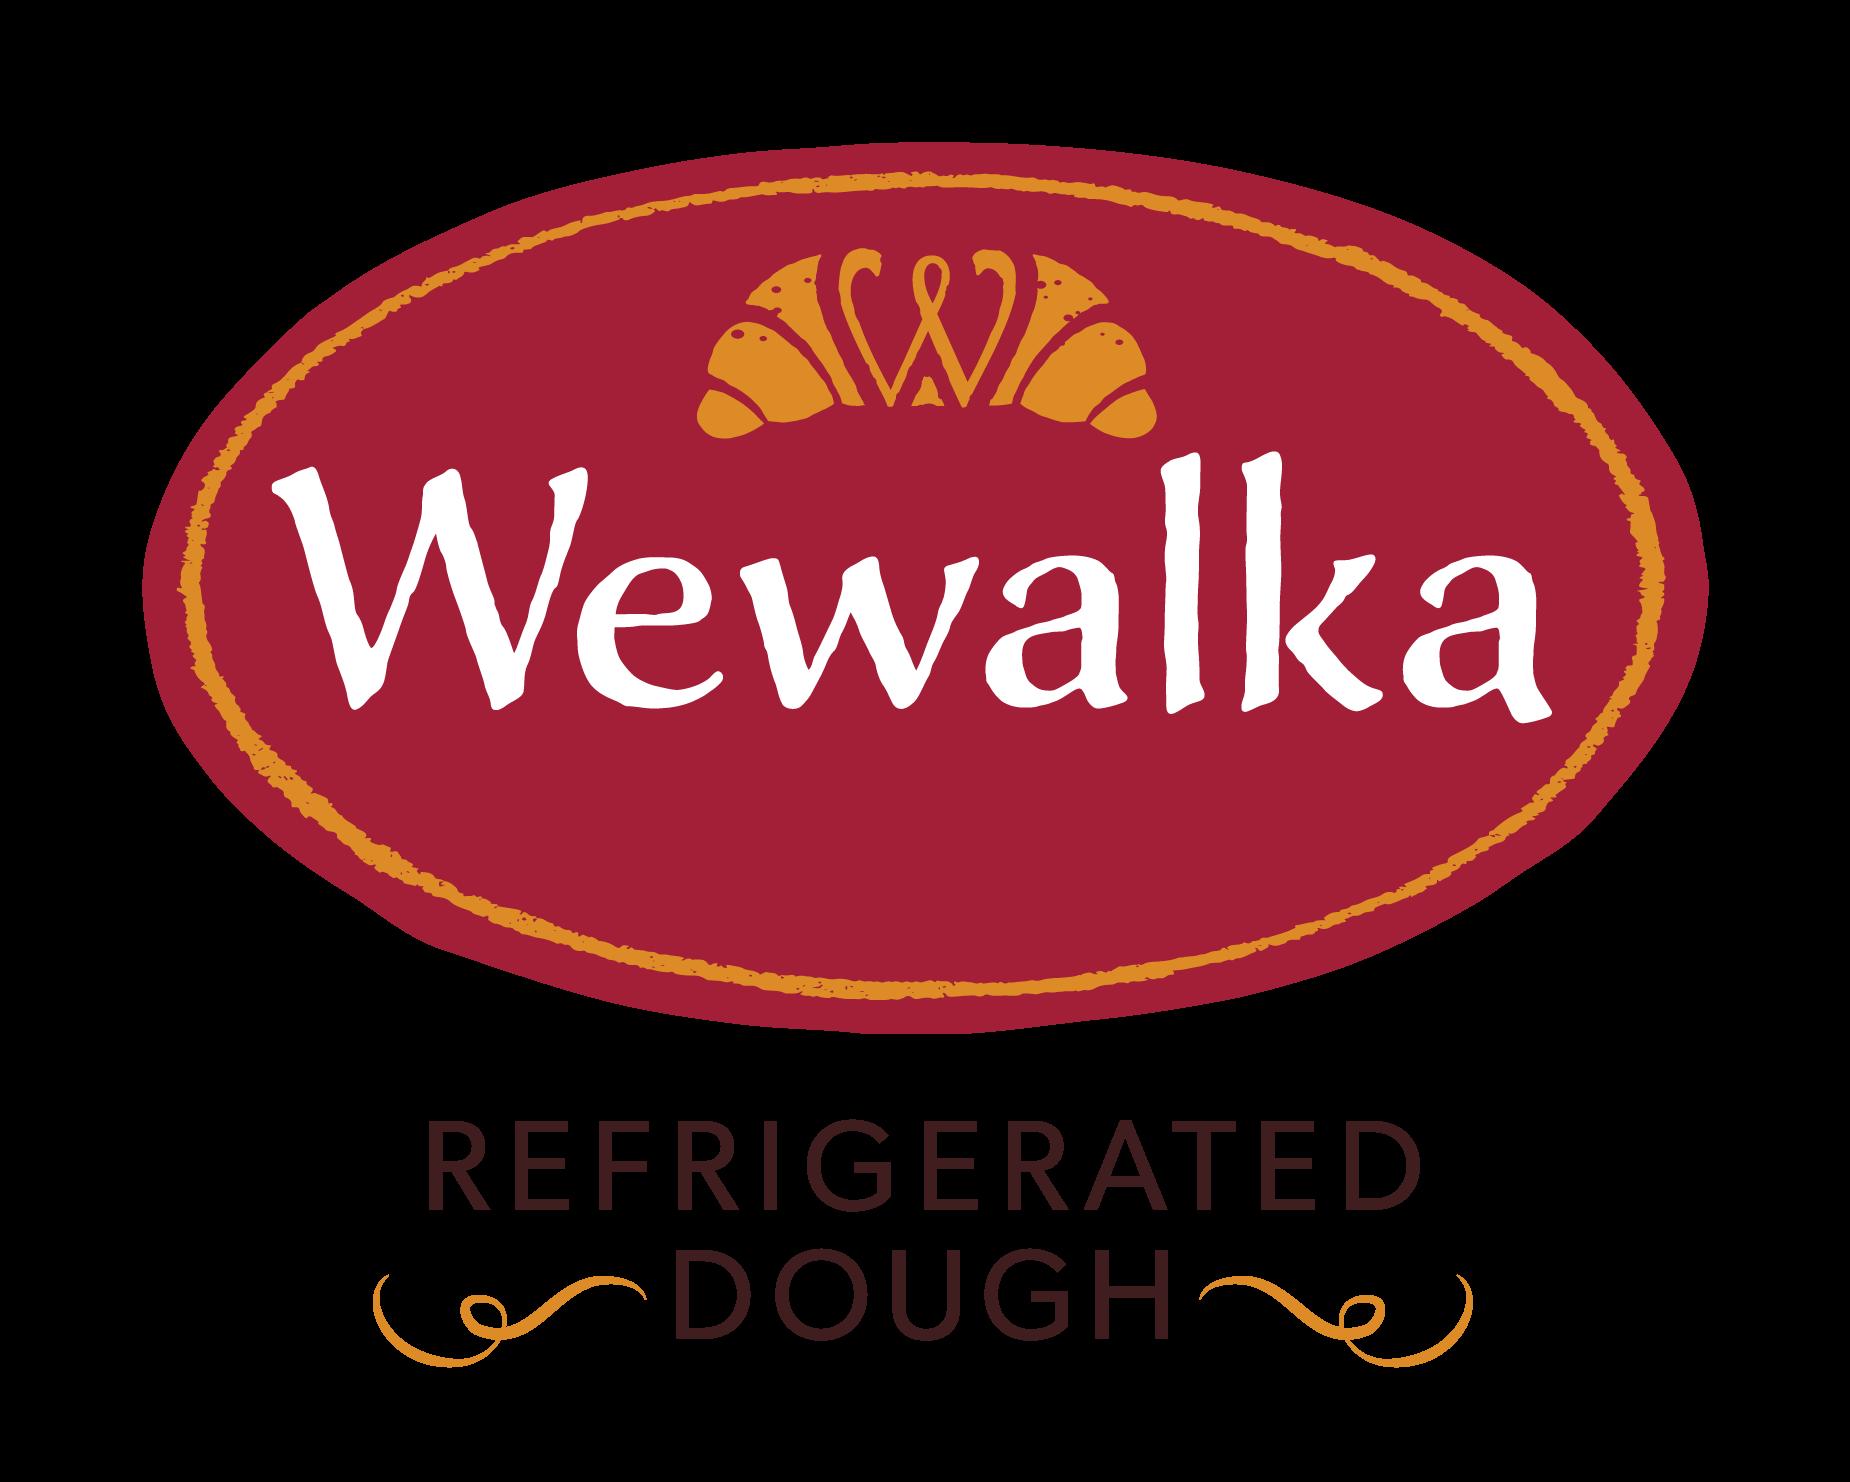 Wewalka20-png